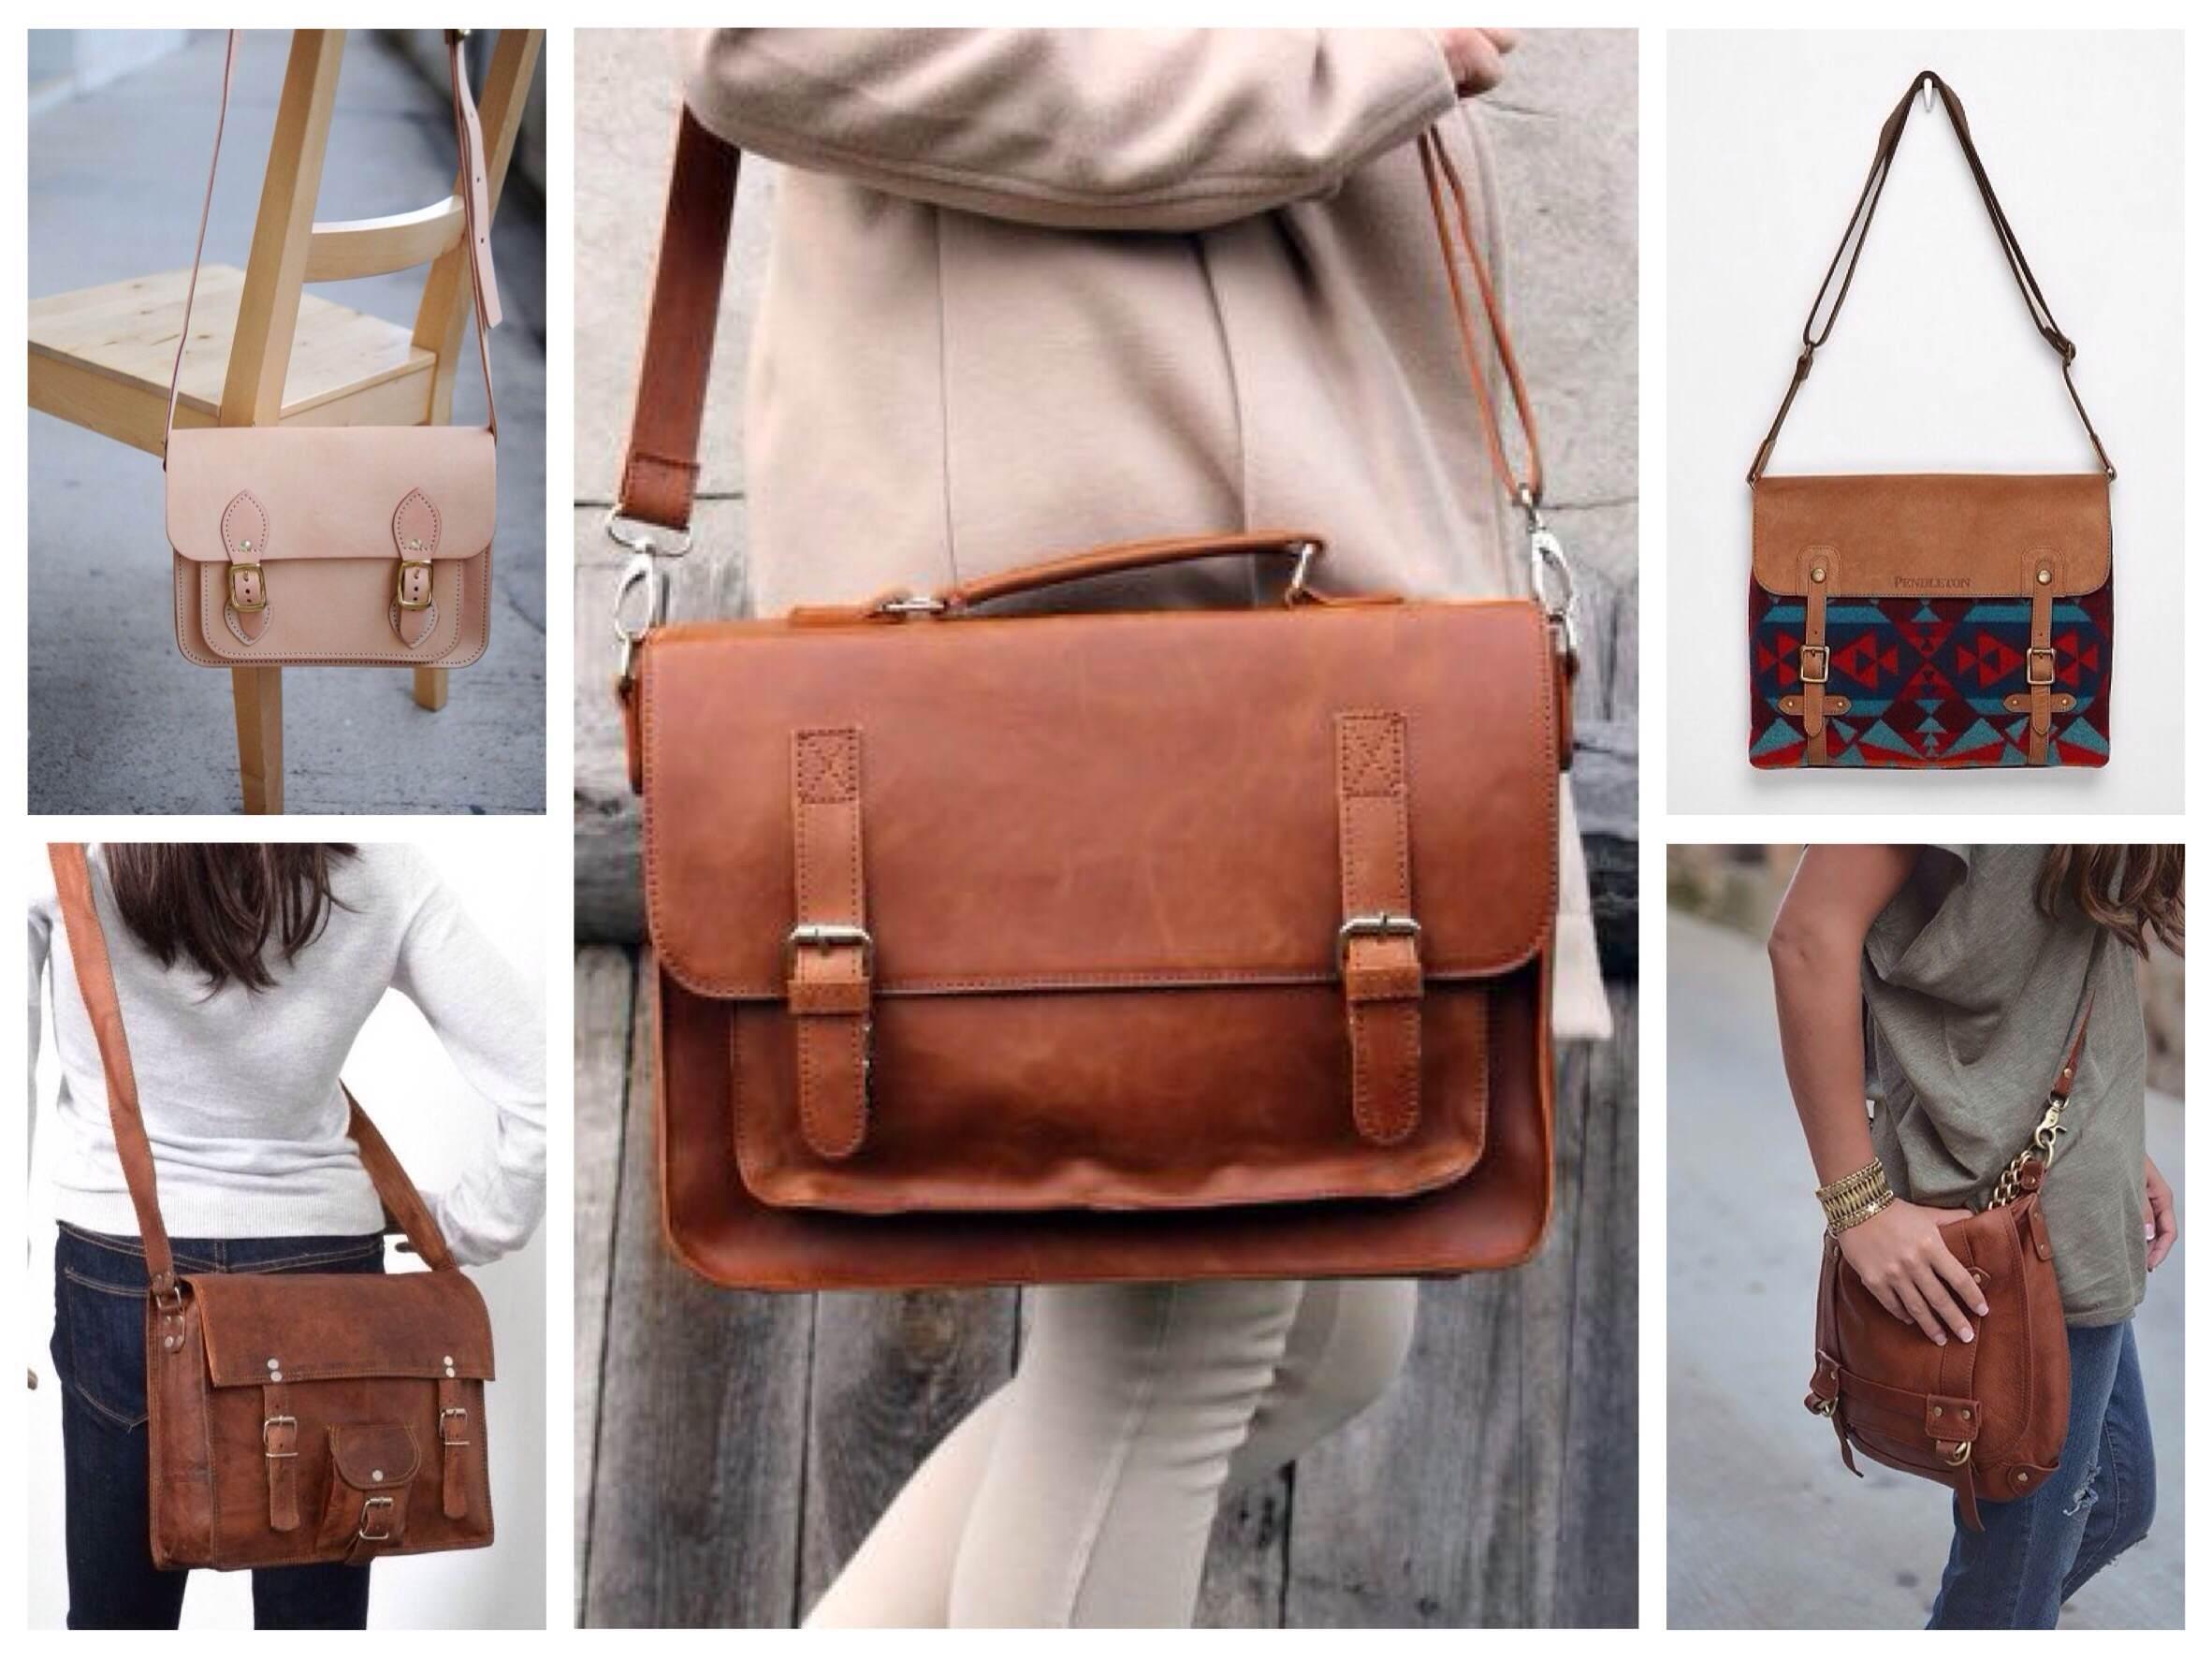 c026665e5628 Виды женских сумок и как их носить  фото, рекомендации